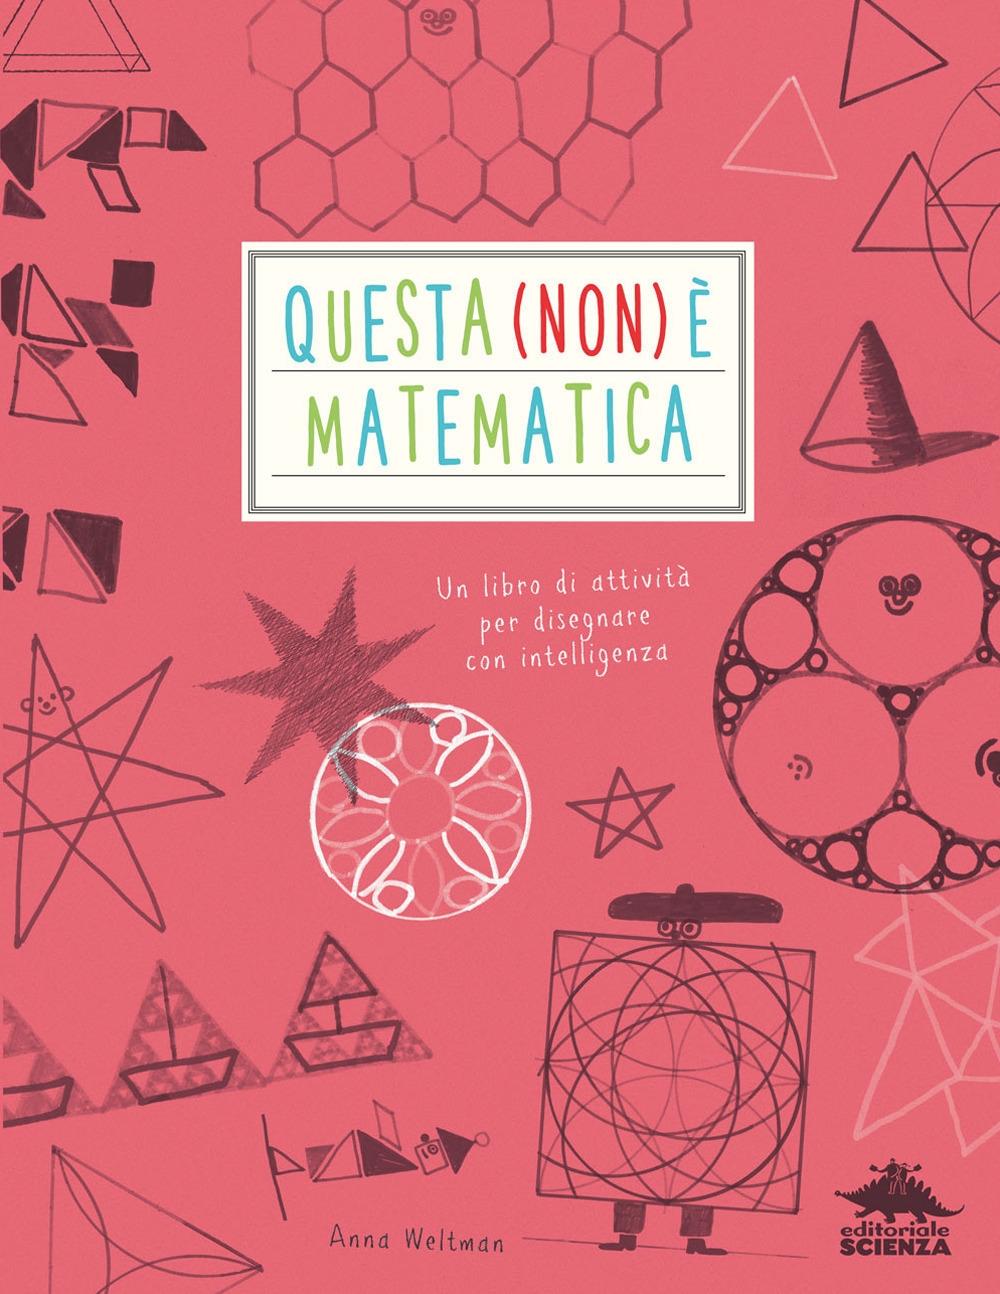 Questa (non) è matematica. Un libro di attività per disegnare con intelligenza